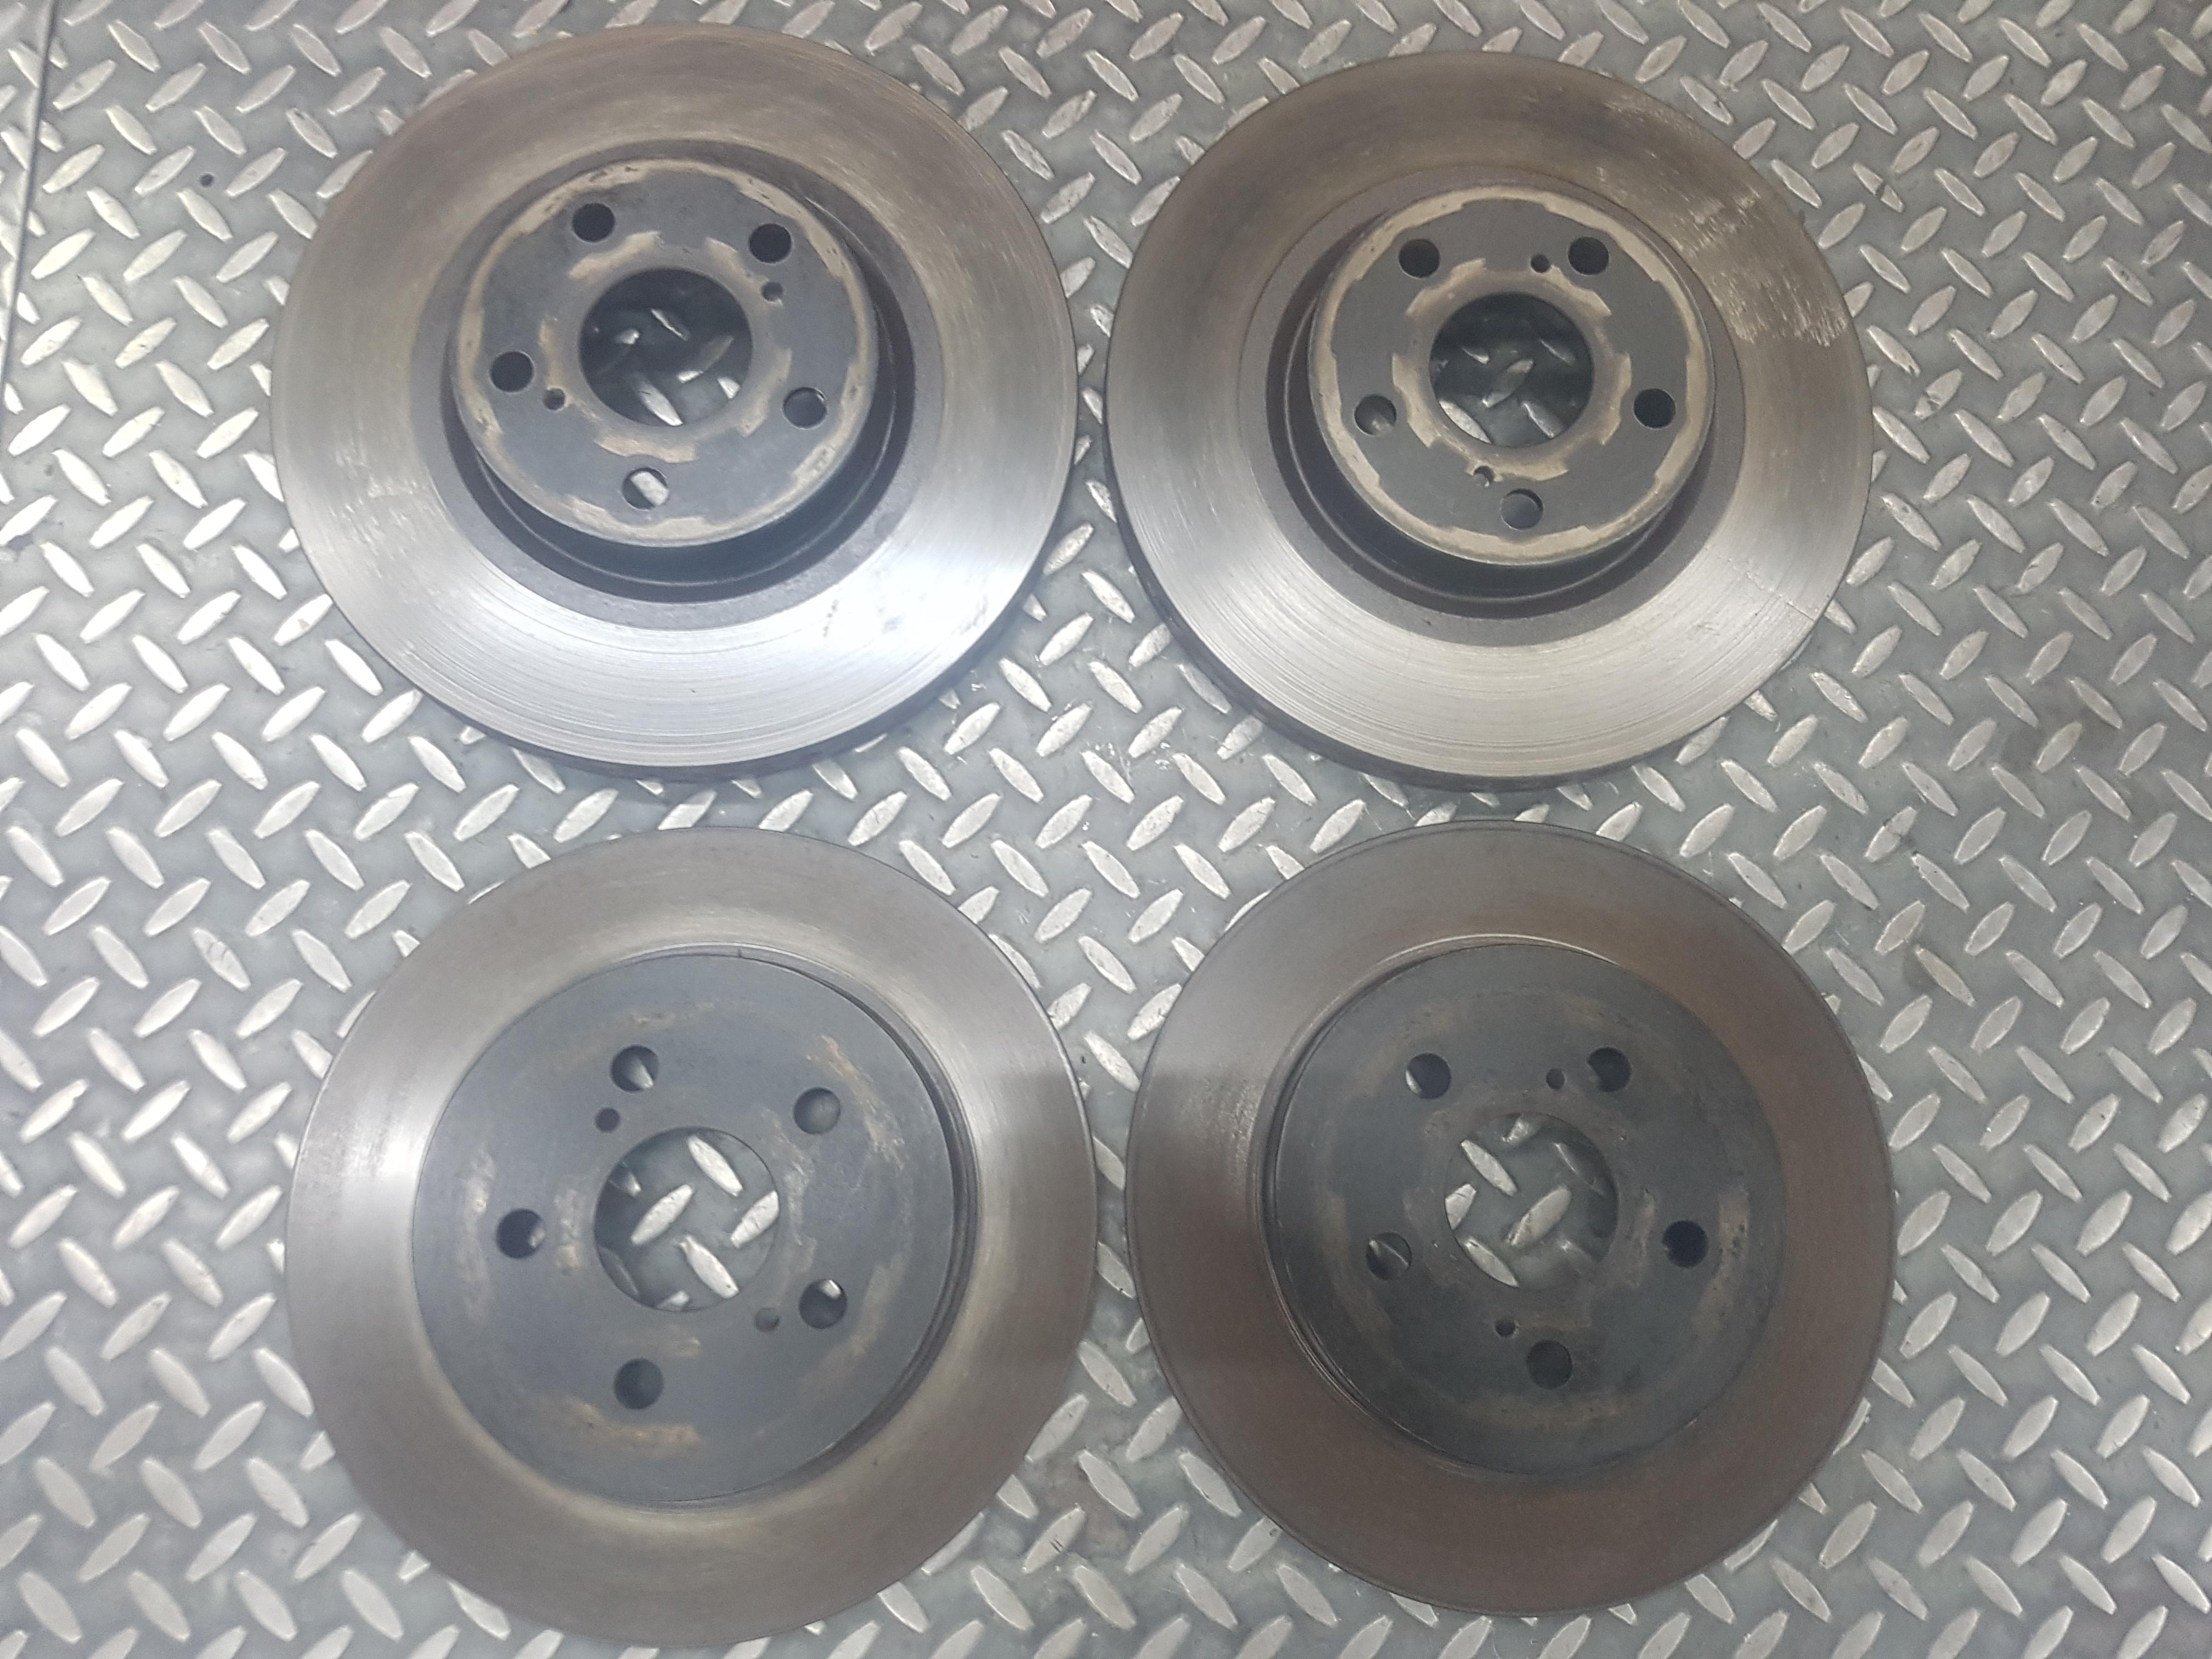 豐田  07-18 TOYOT ALTIS 阿提斯 原廠前煞車盤+原廠後煞車盤 原廠煞車盤 原廠前後煞車盤 煞車碟盤